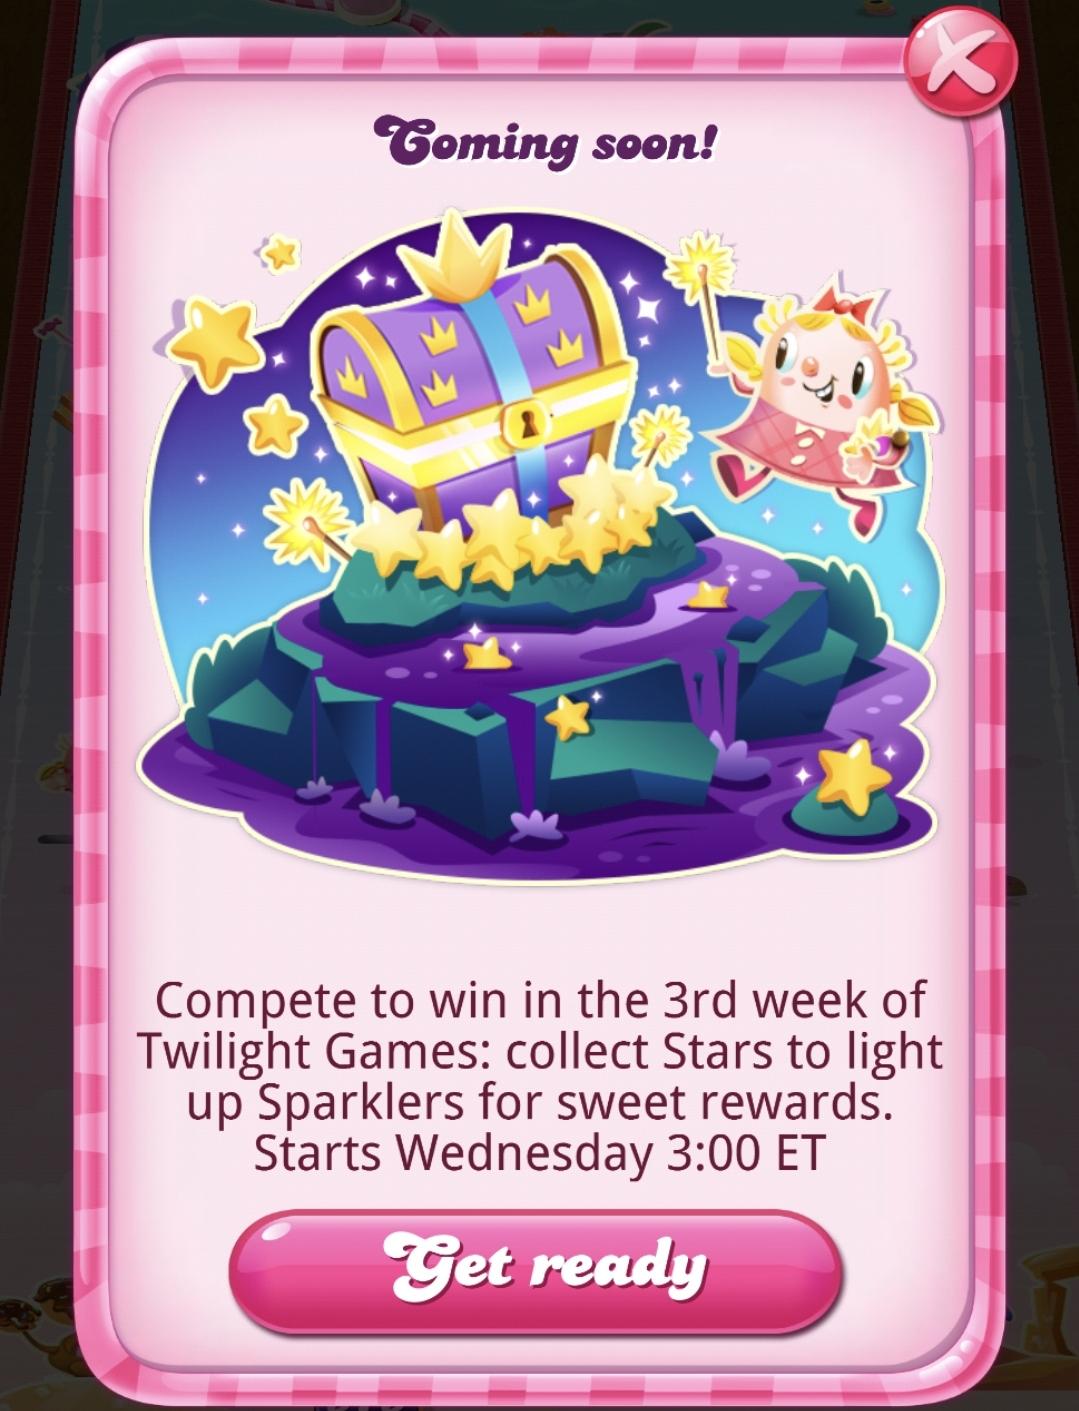 CandyCrushSaga_TwilightGames_WeekIII_coming.png